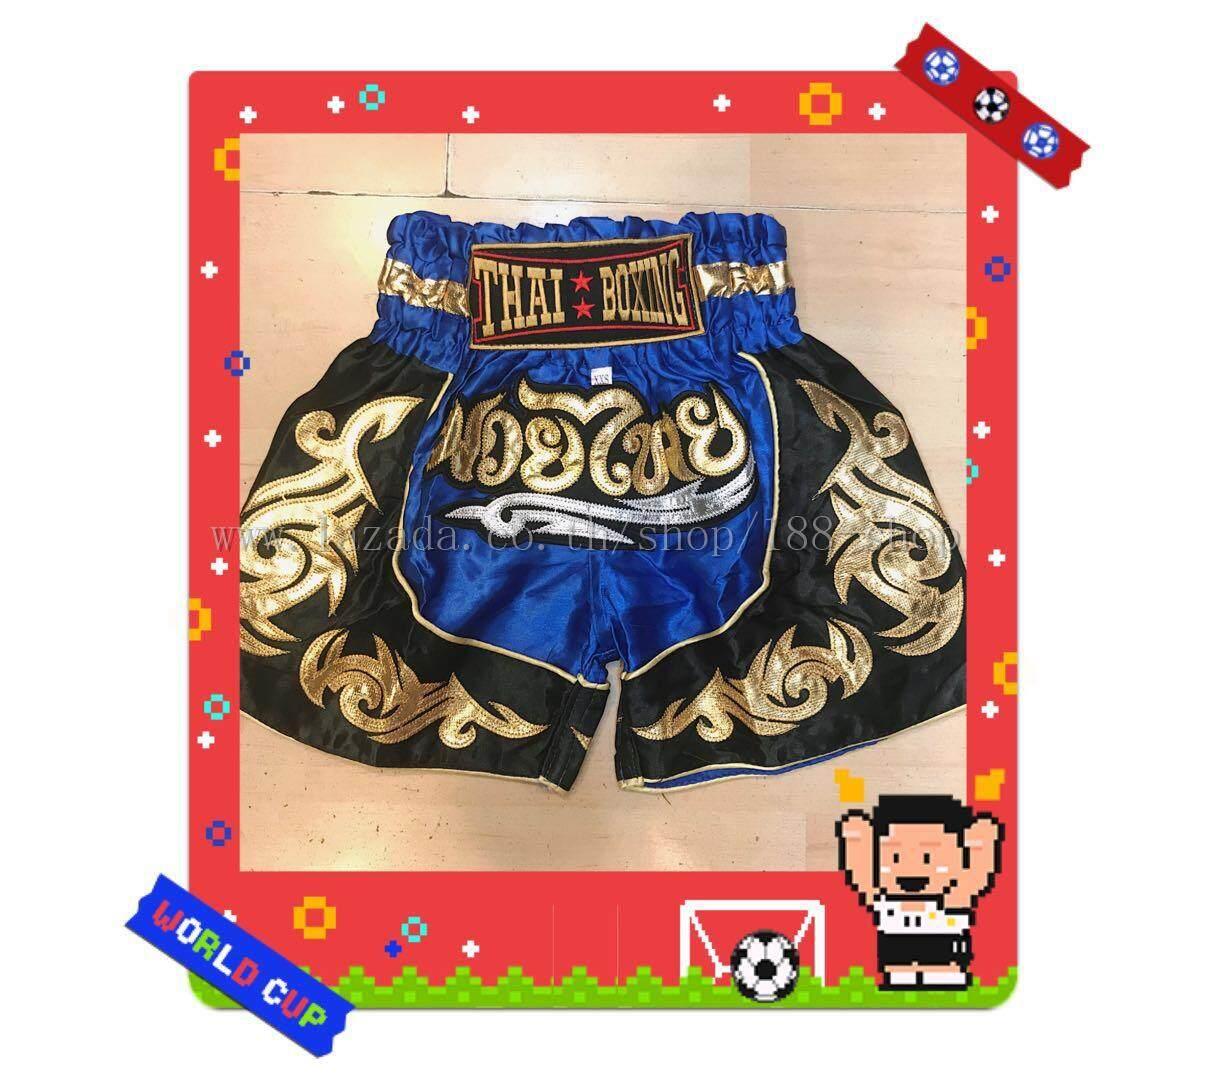 กางเกงมวยไทย New Thaiboxing(muay Thai Pants) .